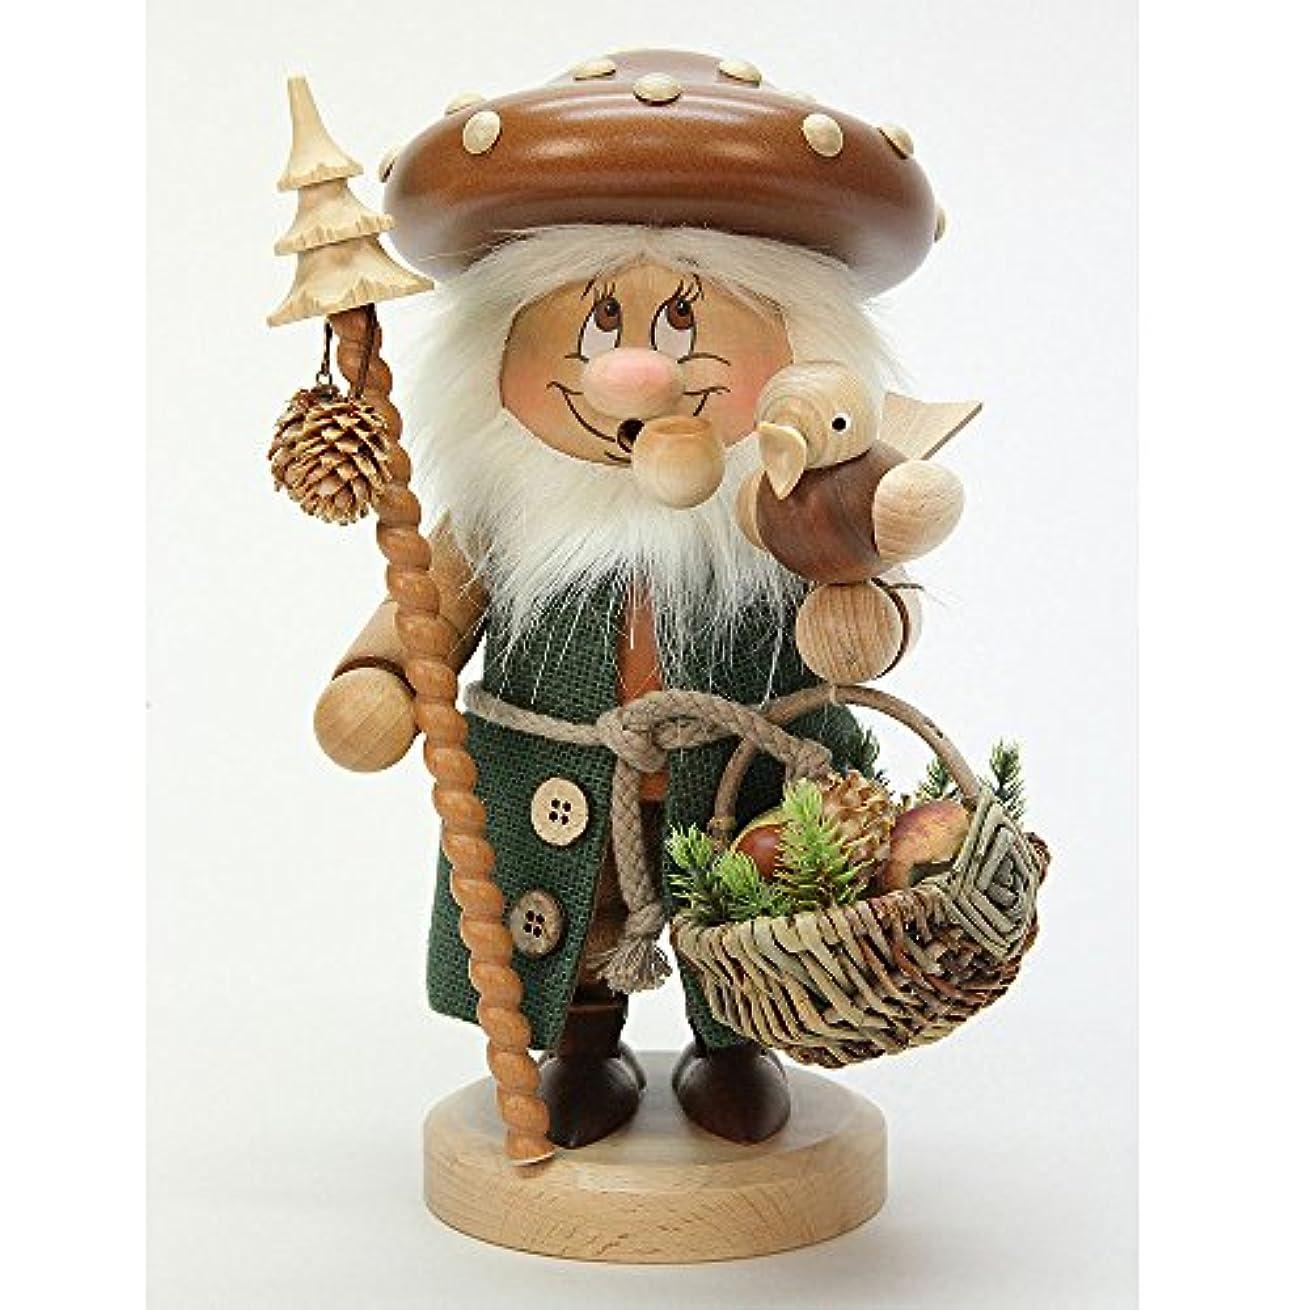 ページ受粉するクライマックスドイツ語喫煙者Incense GnomeマッシュルームMan – 27 cm / 11インチ – Christian Ulbricht